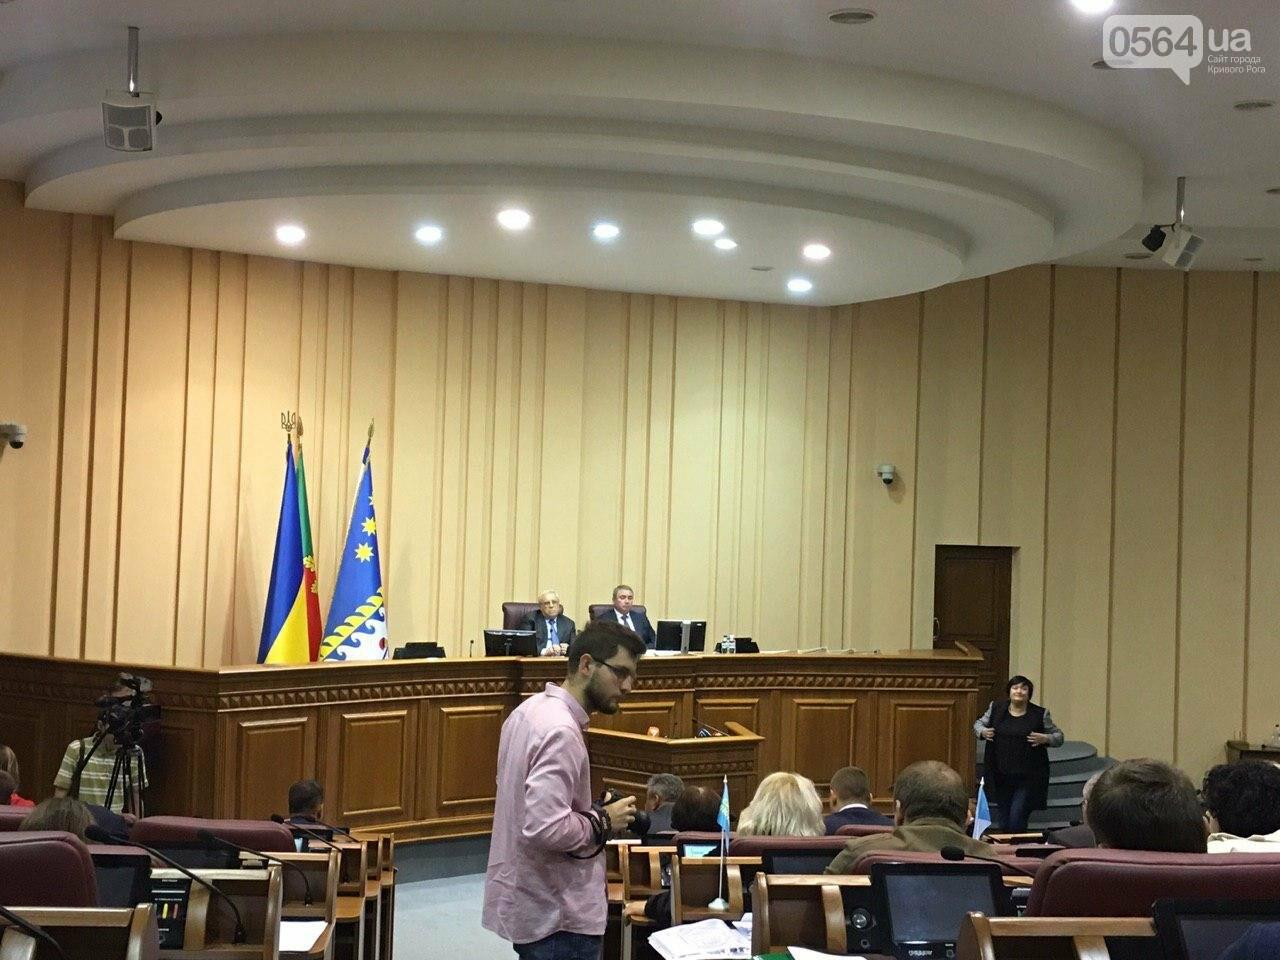 Криворожский городской совет не доверил экс-нардепу Павлову должность заместителя мэра, - ФОТО, фото-19